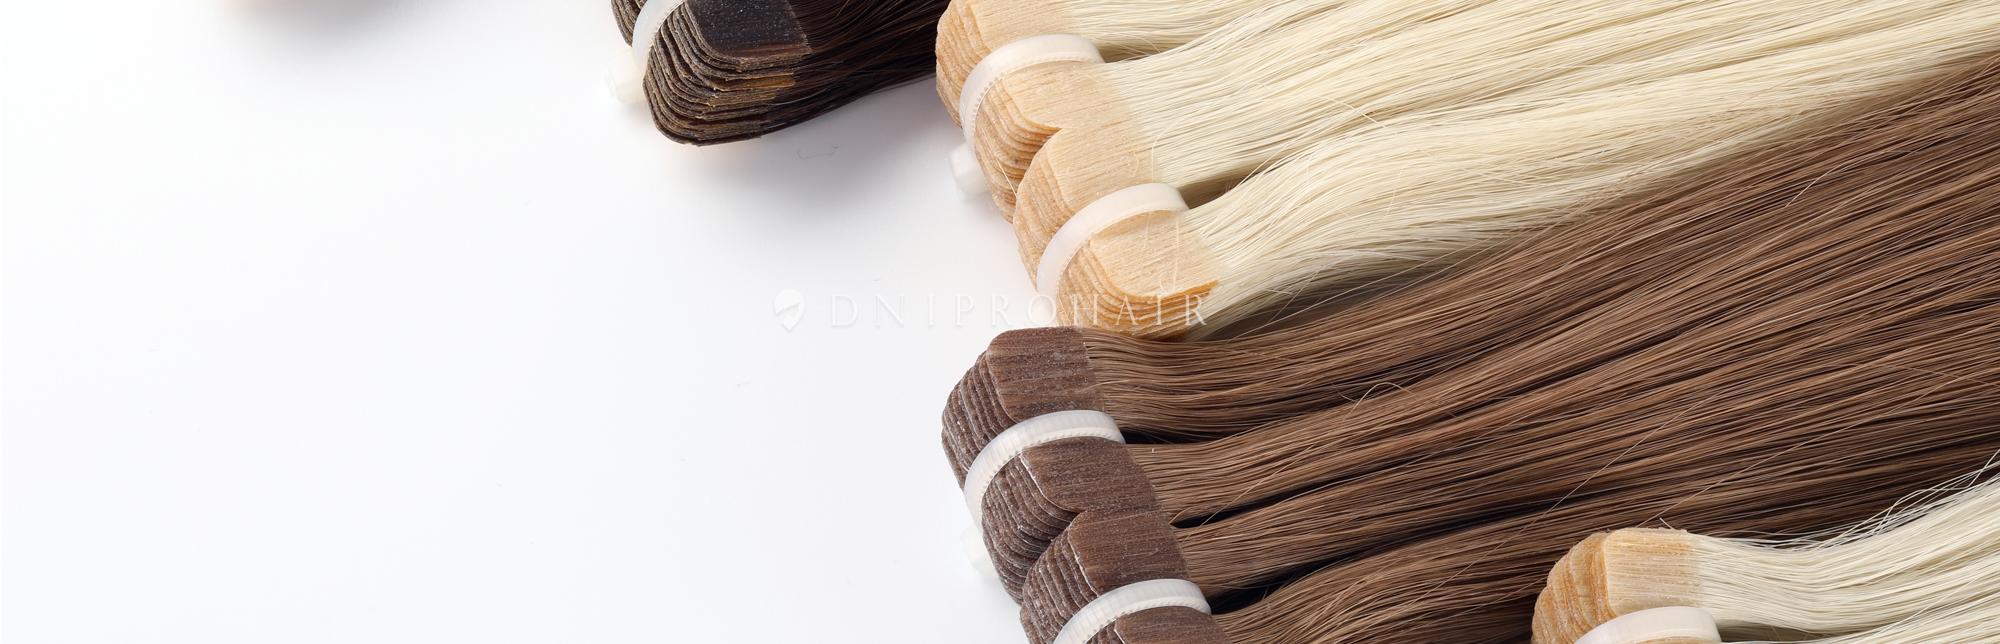 Волосся на стрічках для нарощування